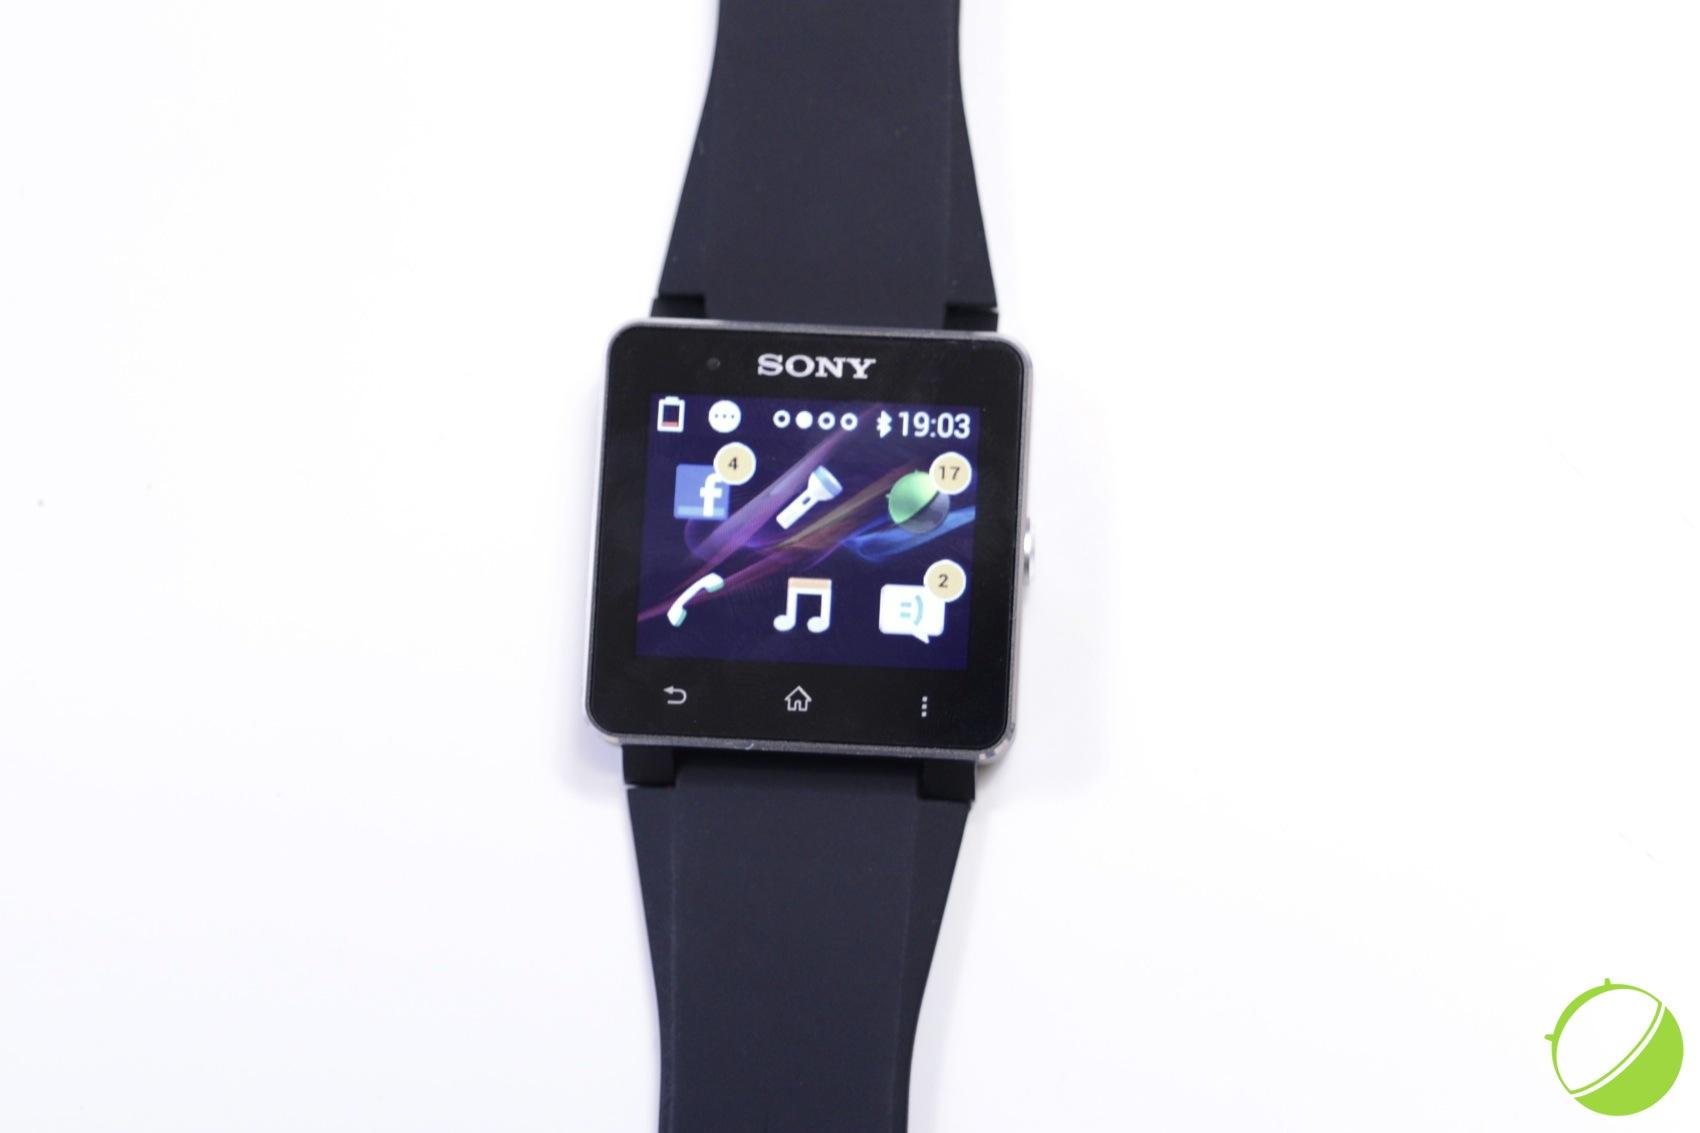 montre sony avec iphone